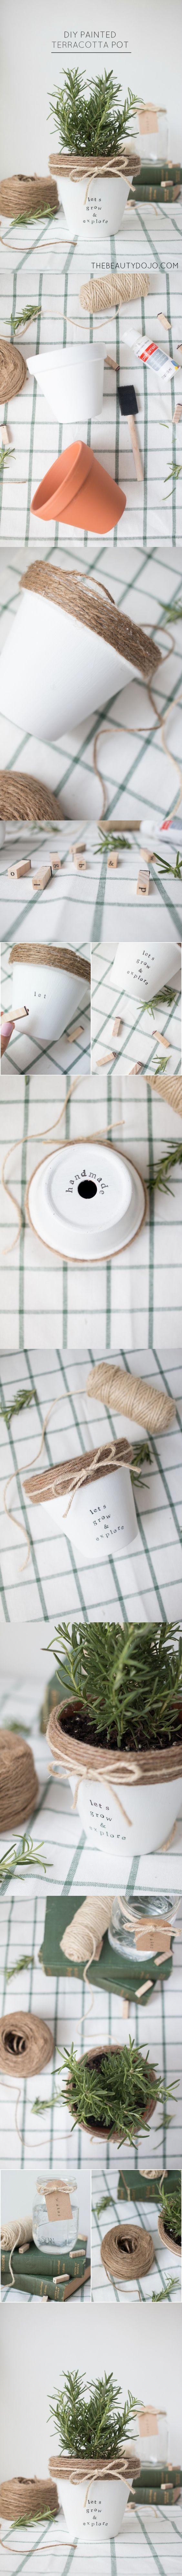 Macetas decoradas con cuerda - Vía http://www.thebeautydojo.com/